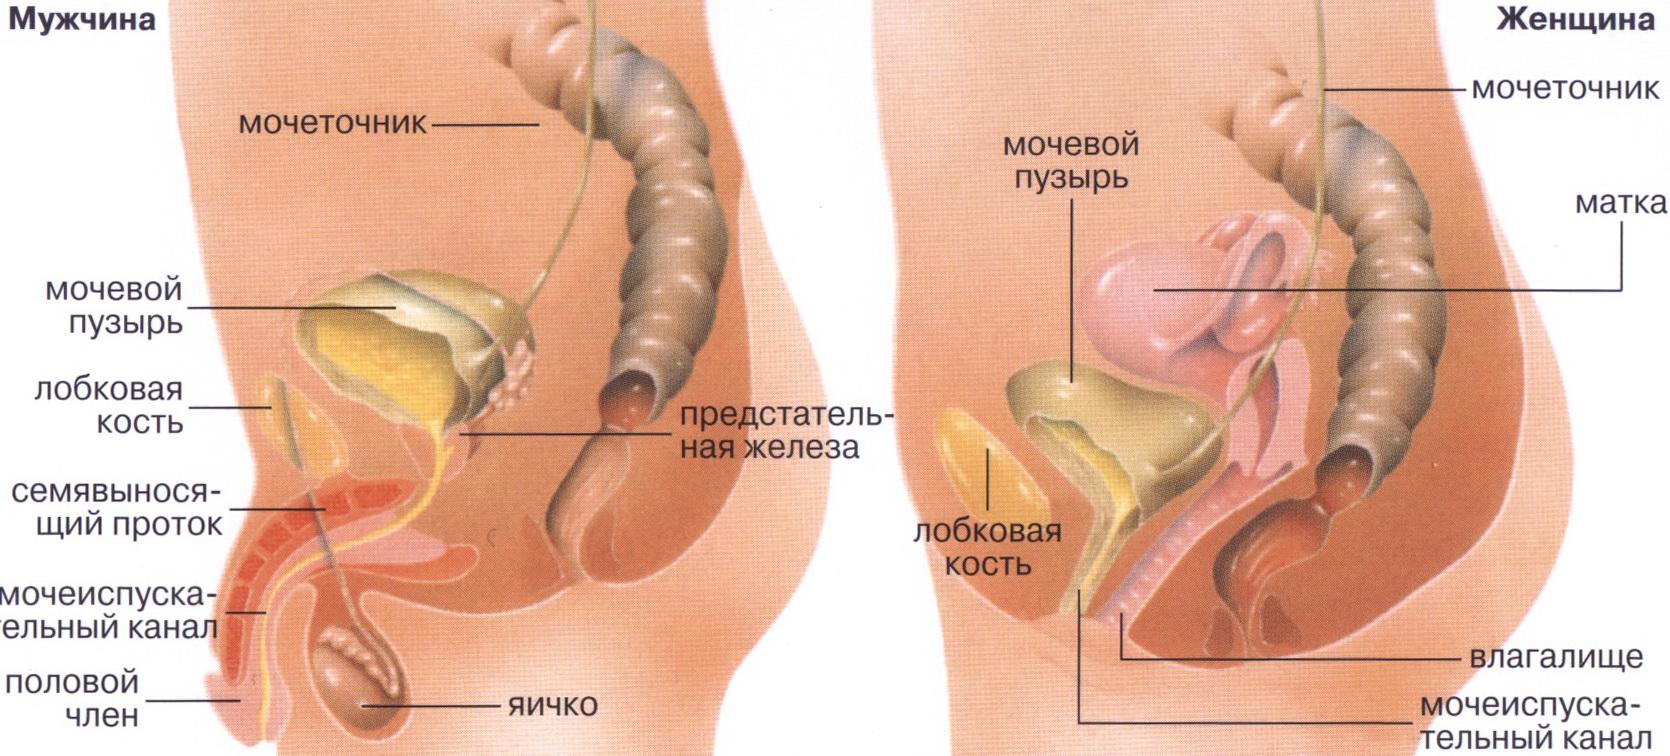 Мочеполовая система. Урология и нефрология. Симптомы заболеваний и мужчин и женщ